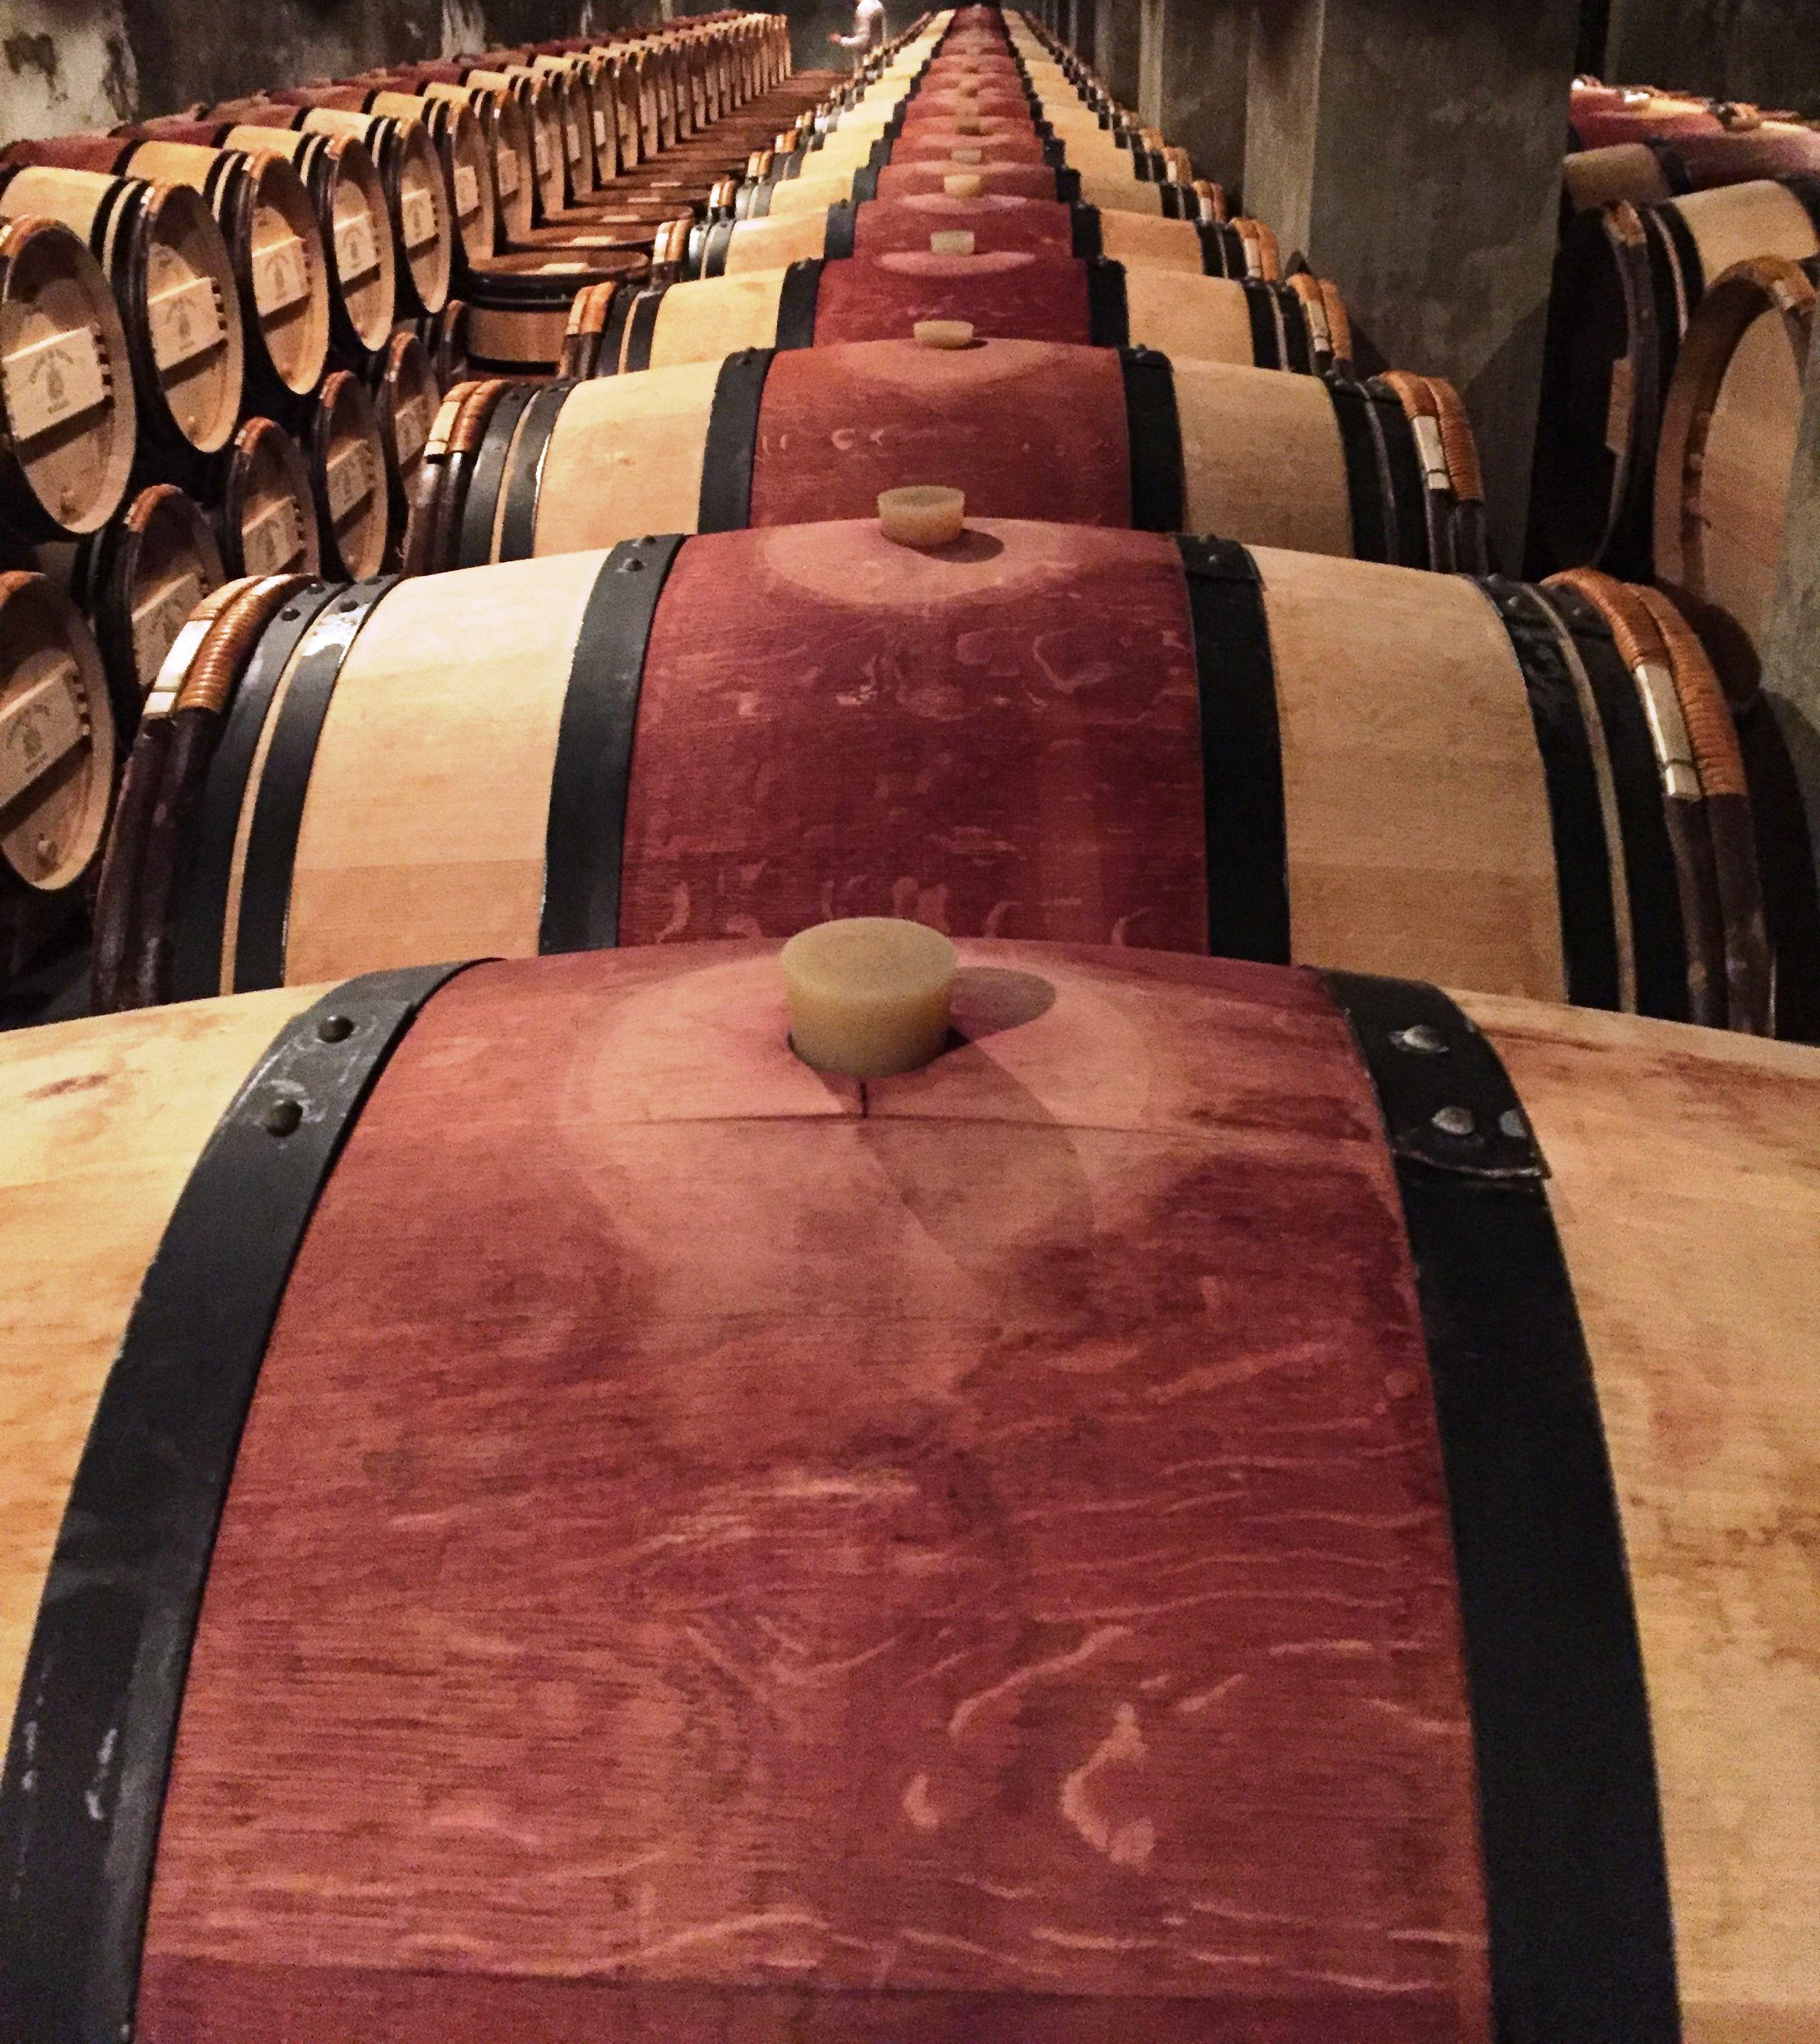 Alignement De Futs De Vin Rouge Dans Le Chai Du Chateau Du Tertre A Bordeaux Red Wine Oak Barrel Alignment In Cellar C Thierry Lopez De Arias Wine France